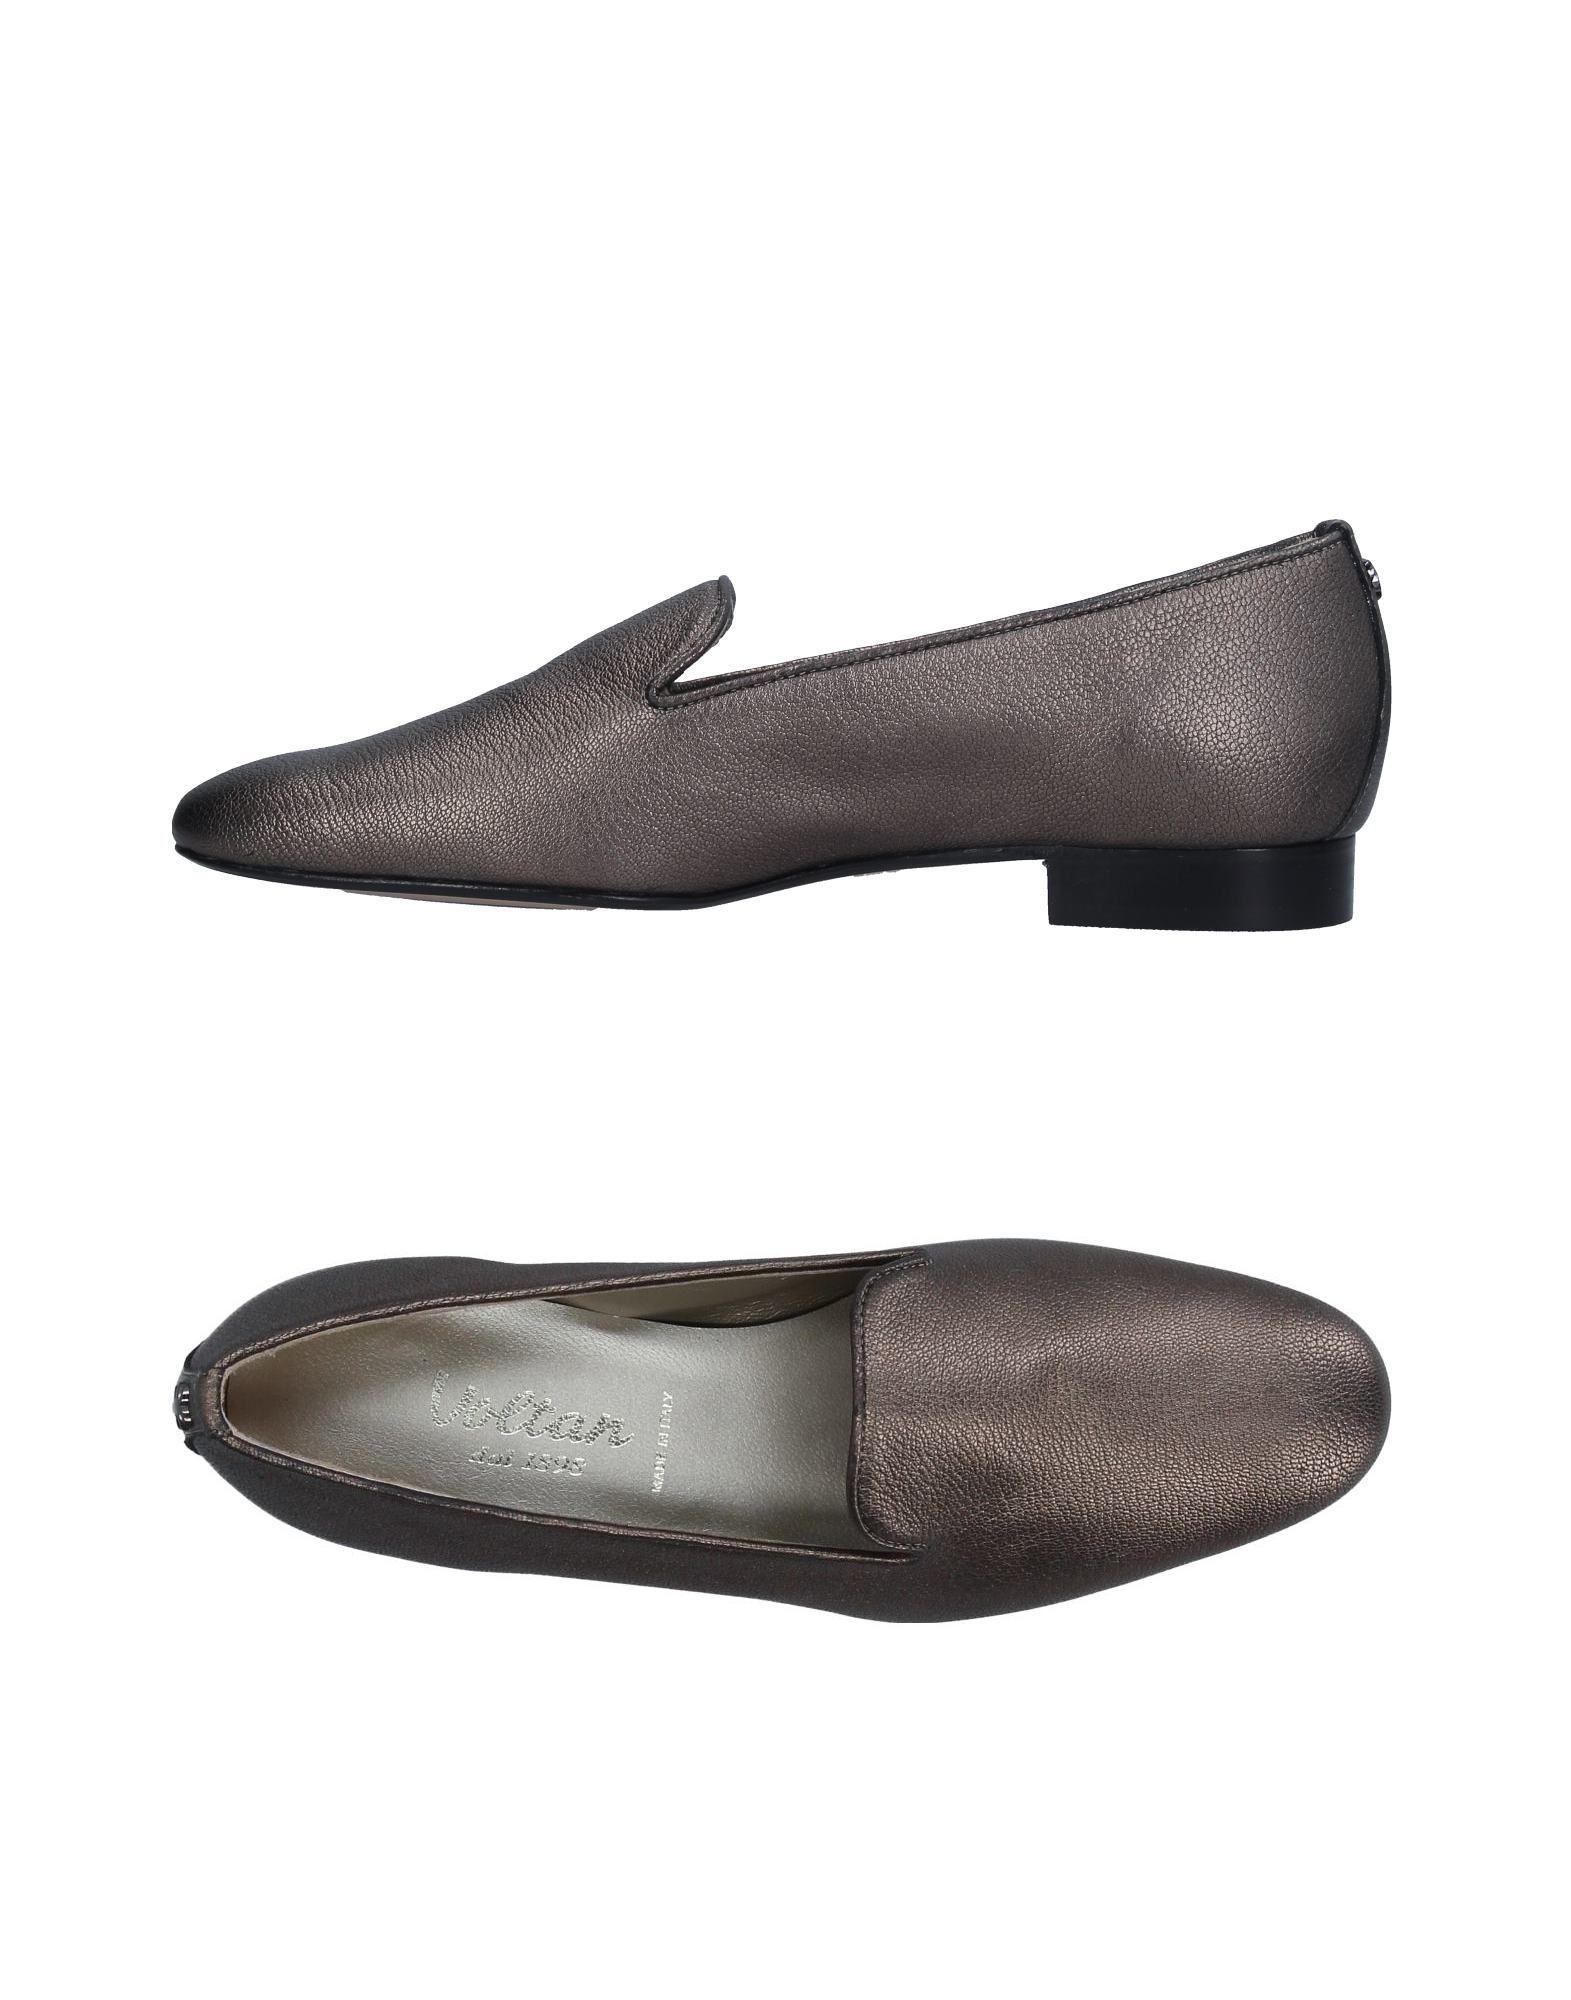 Voltan Mokassins Damen  11319293GW Gute Qualität beliebte Schuhe